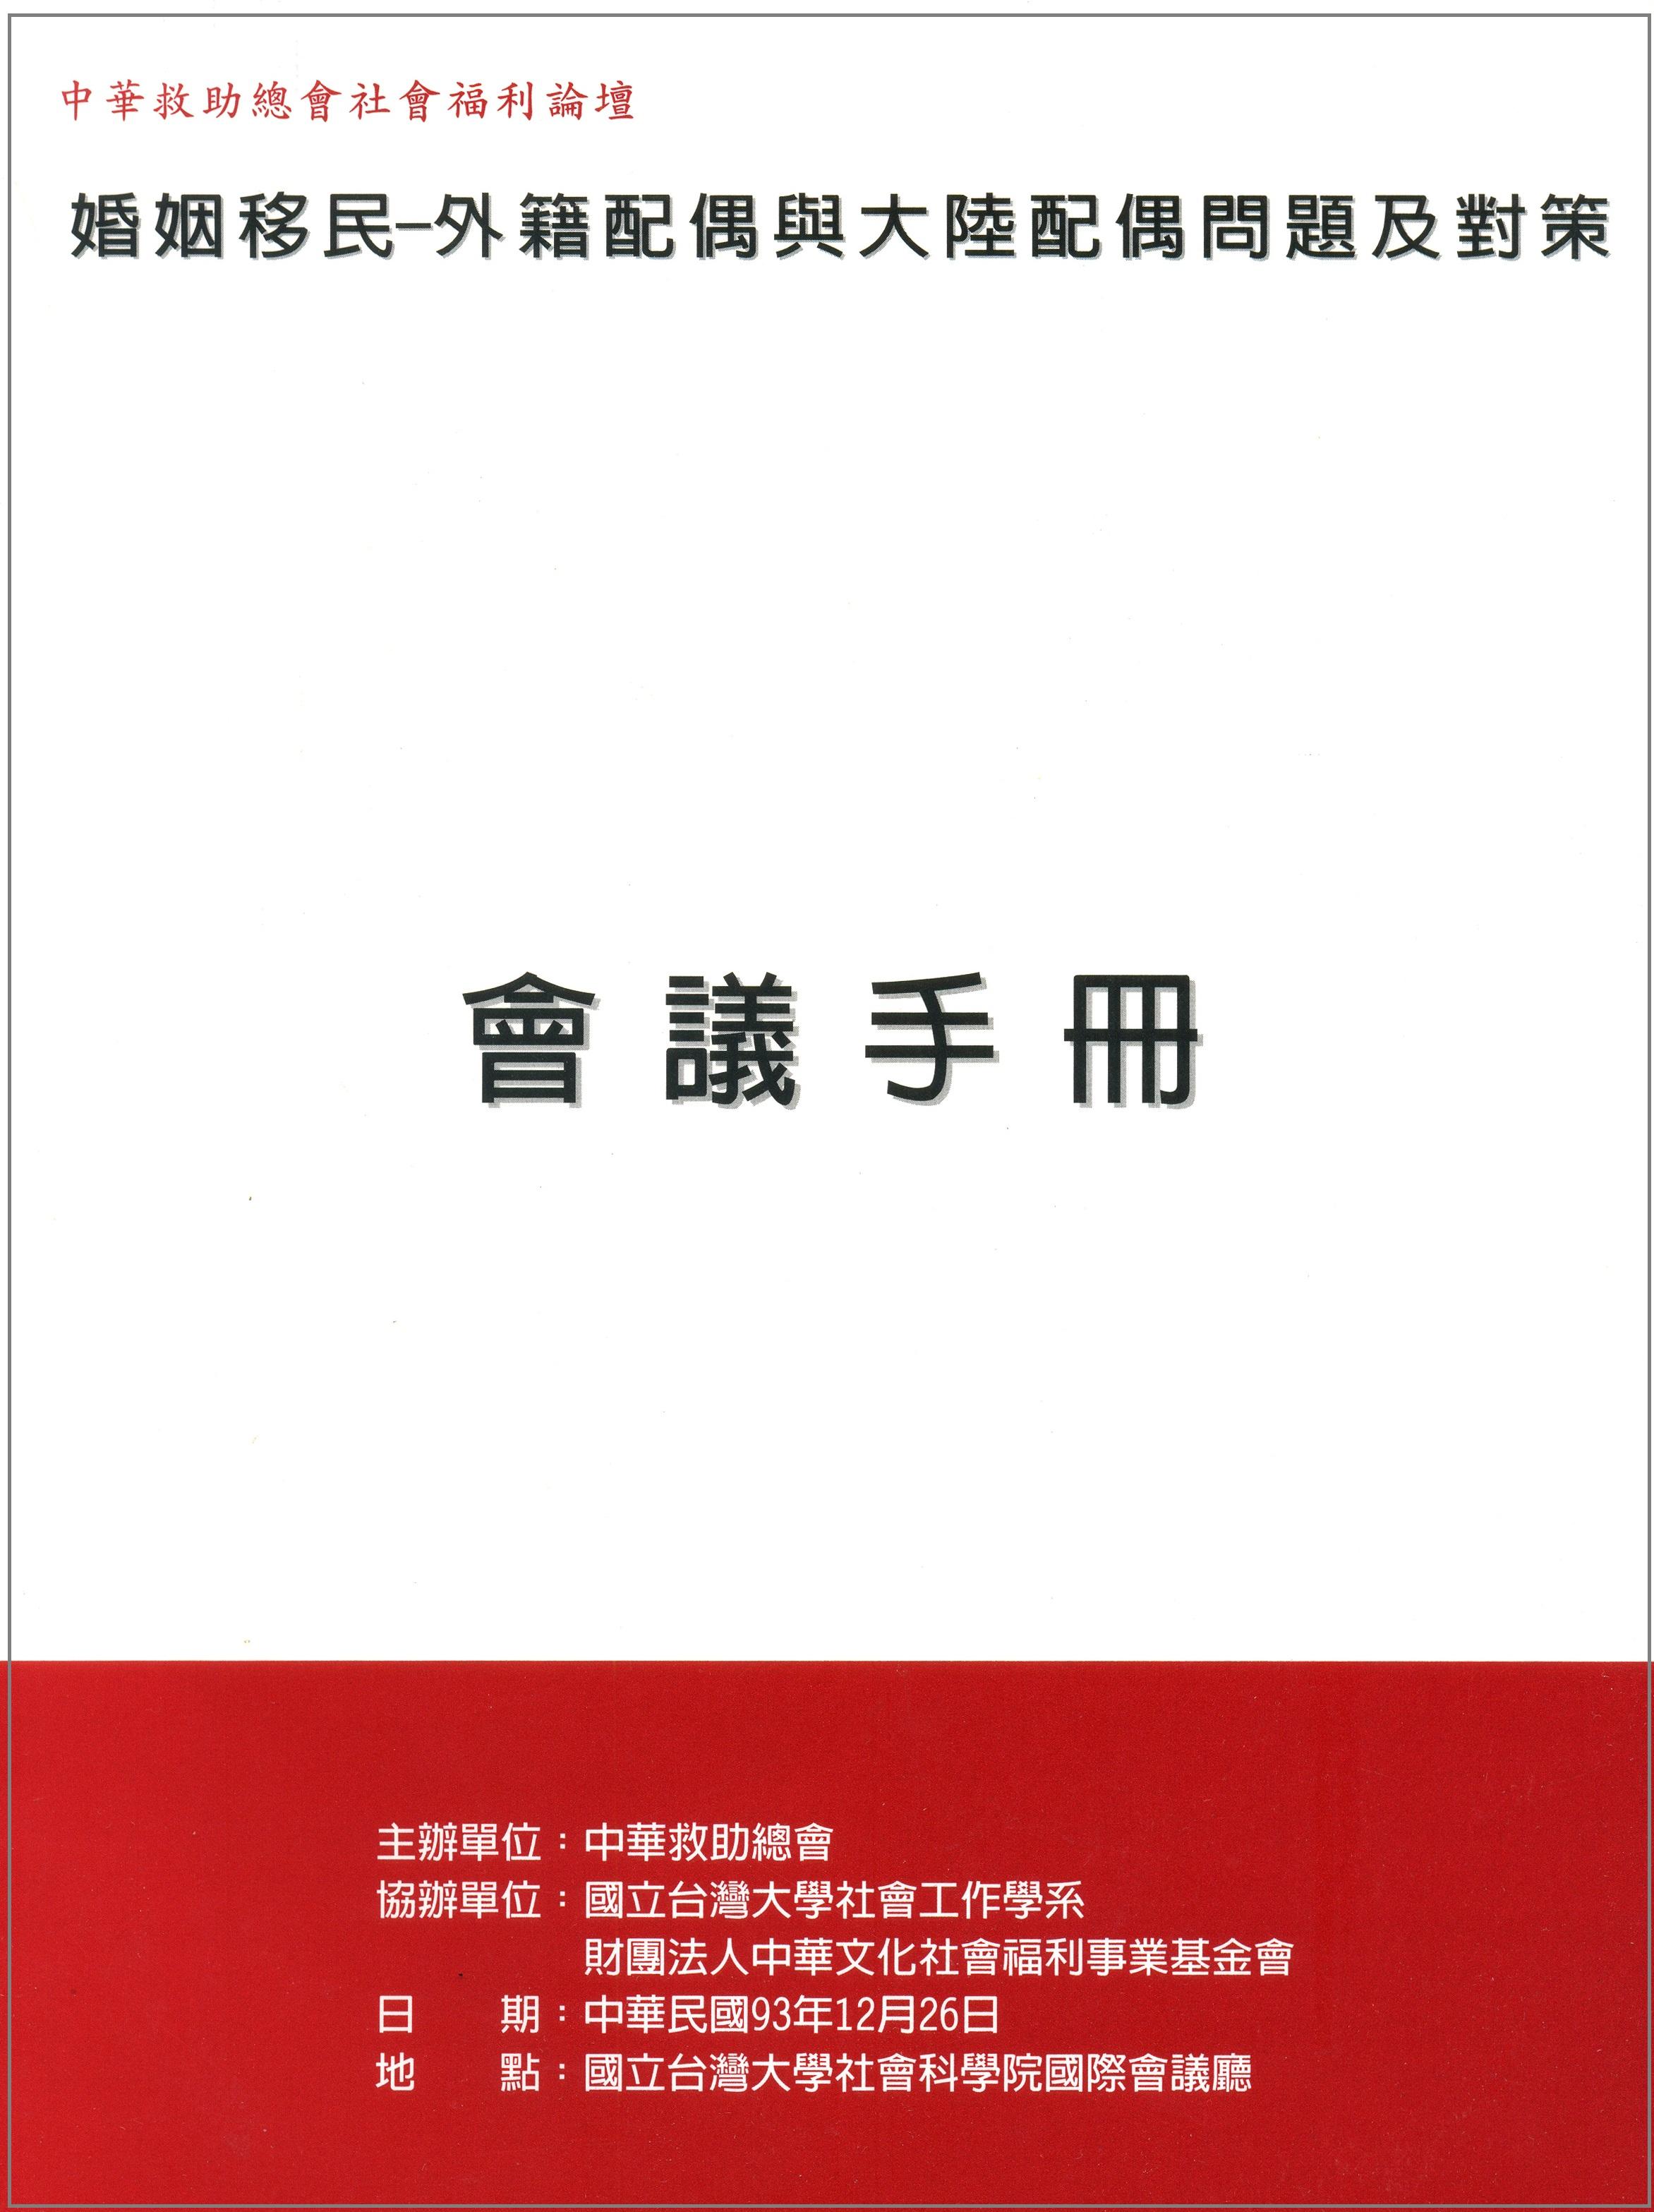 婚姻移民-外籍配偶與大陸配偶問題及對策